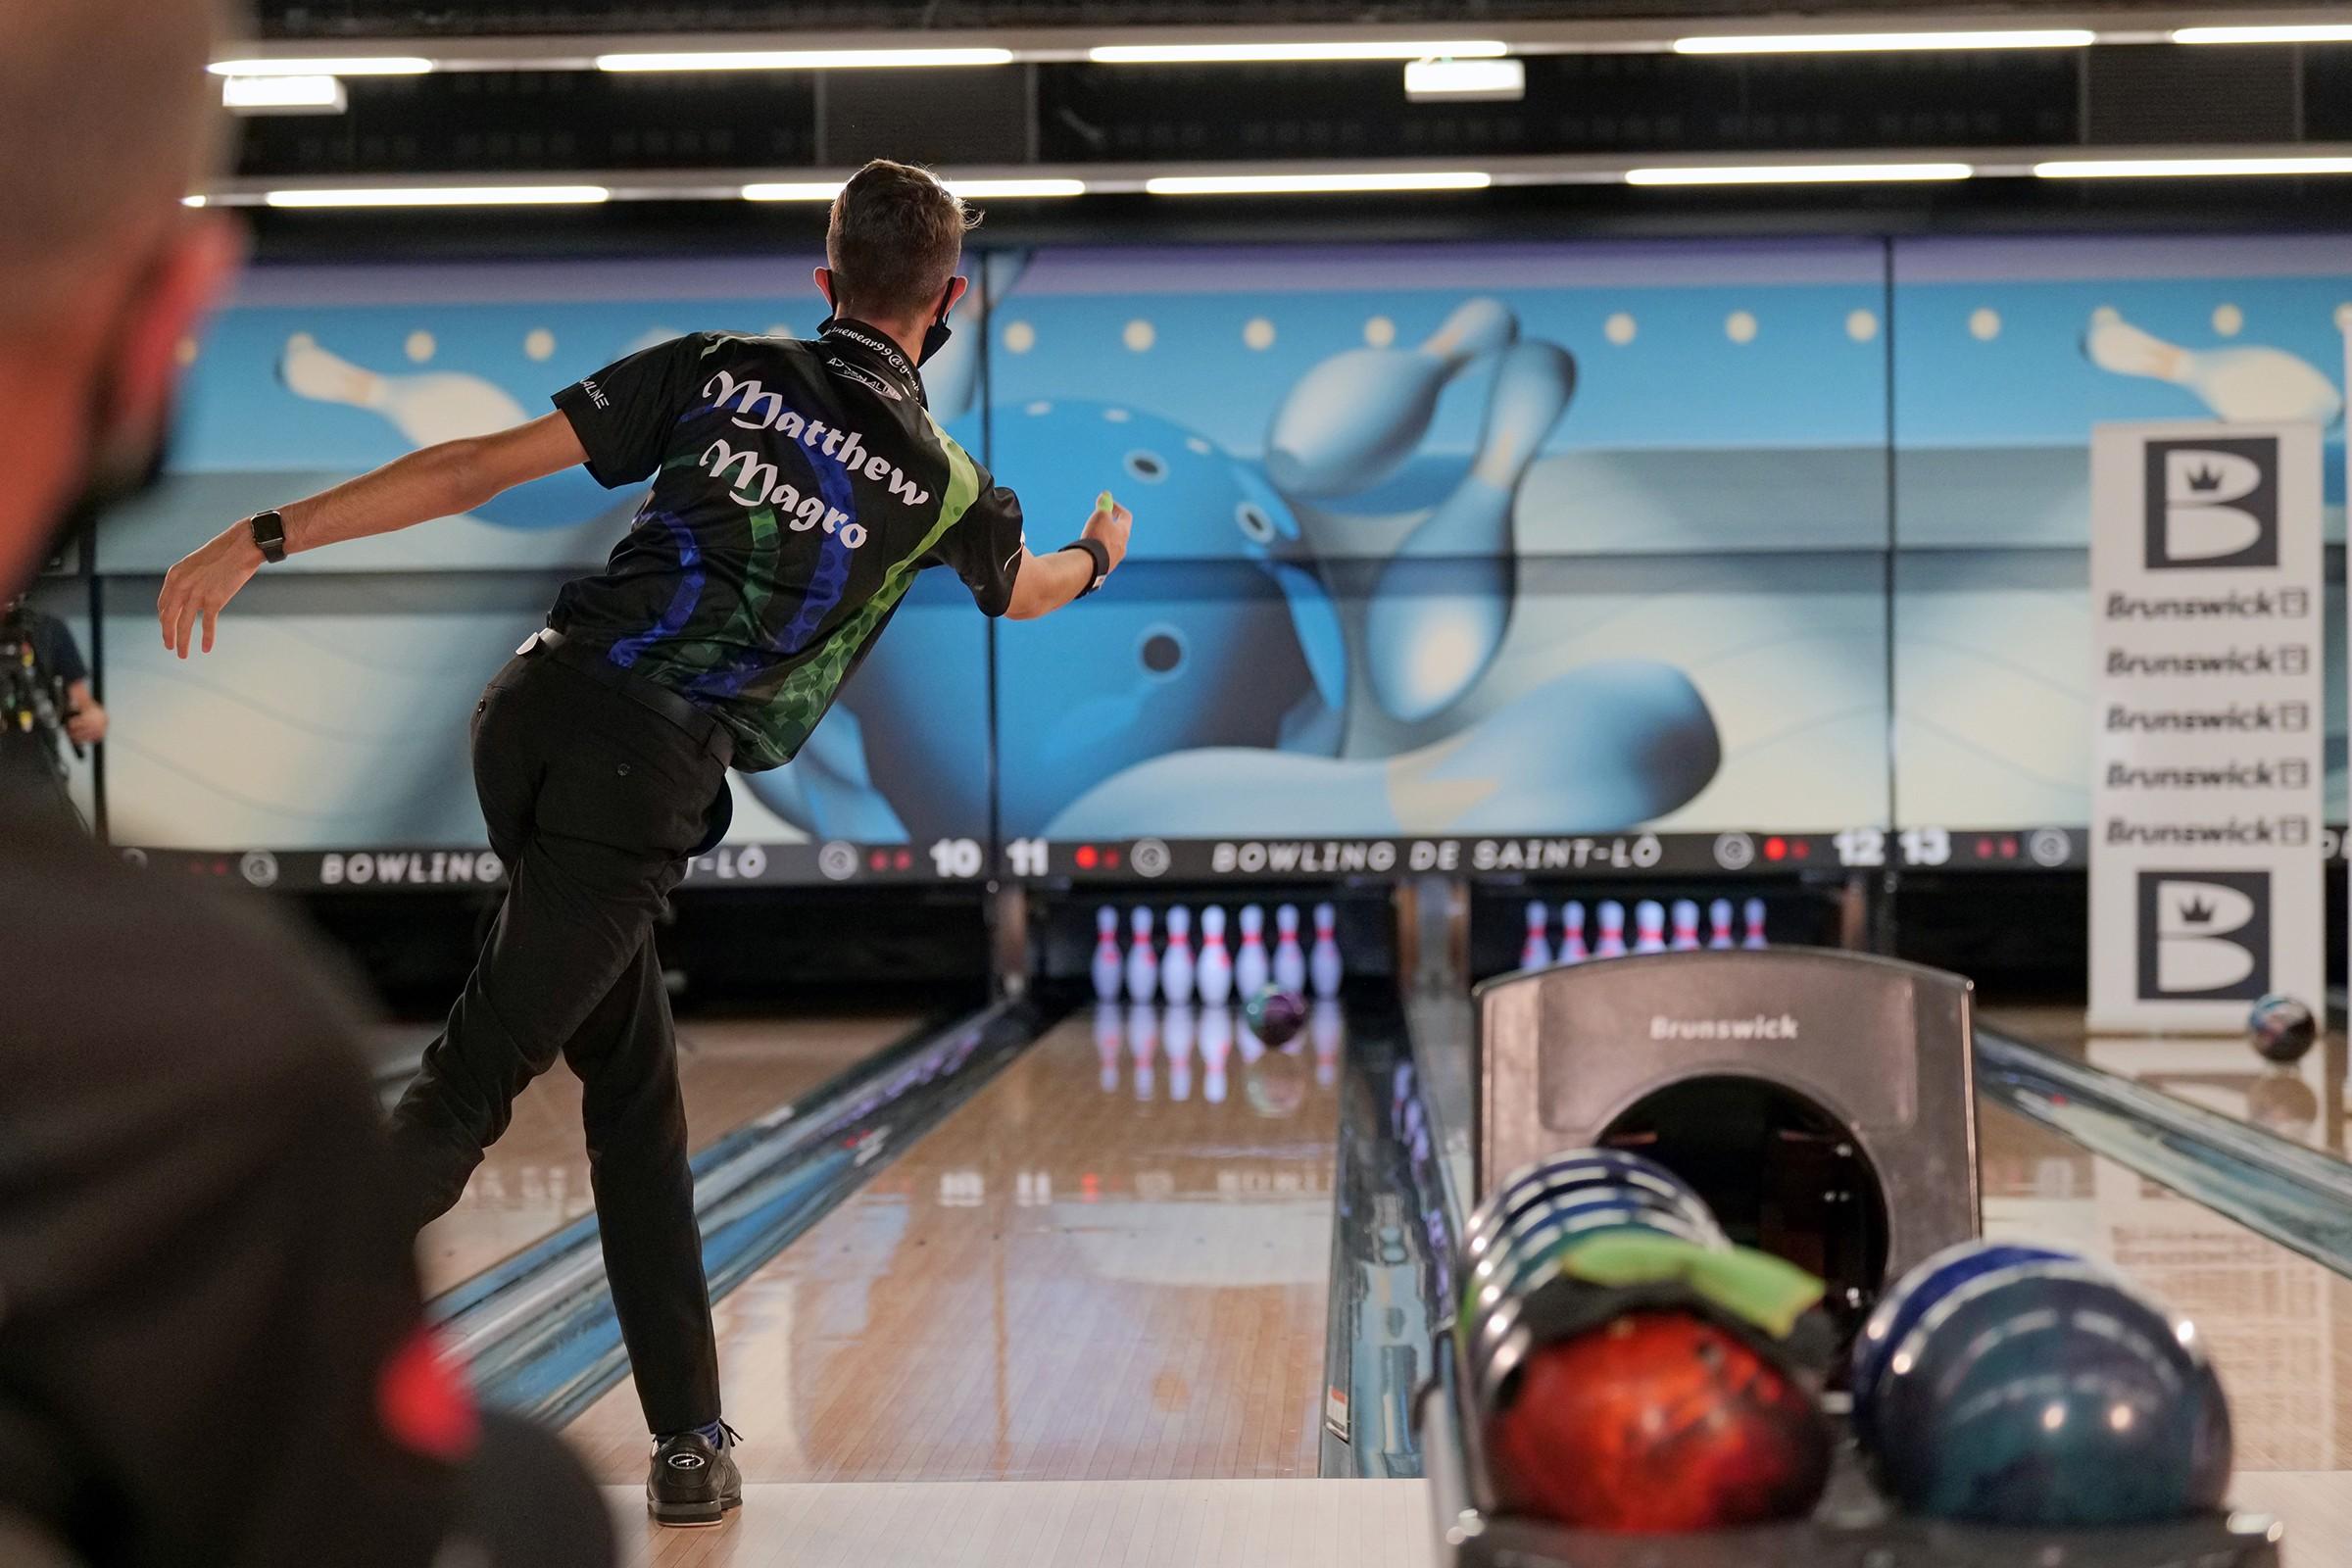 Bowling promotion tour 2020 saint lo photos ruel alain 21